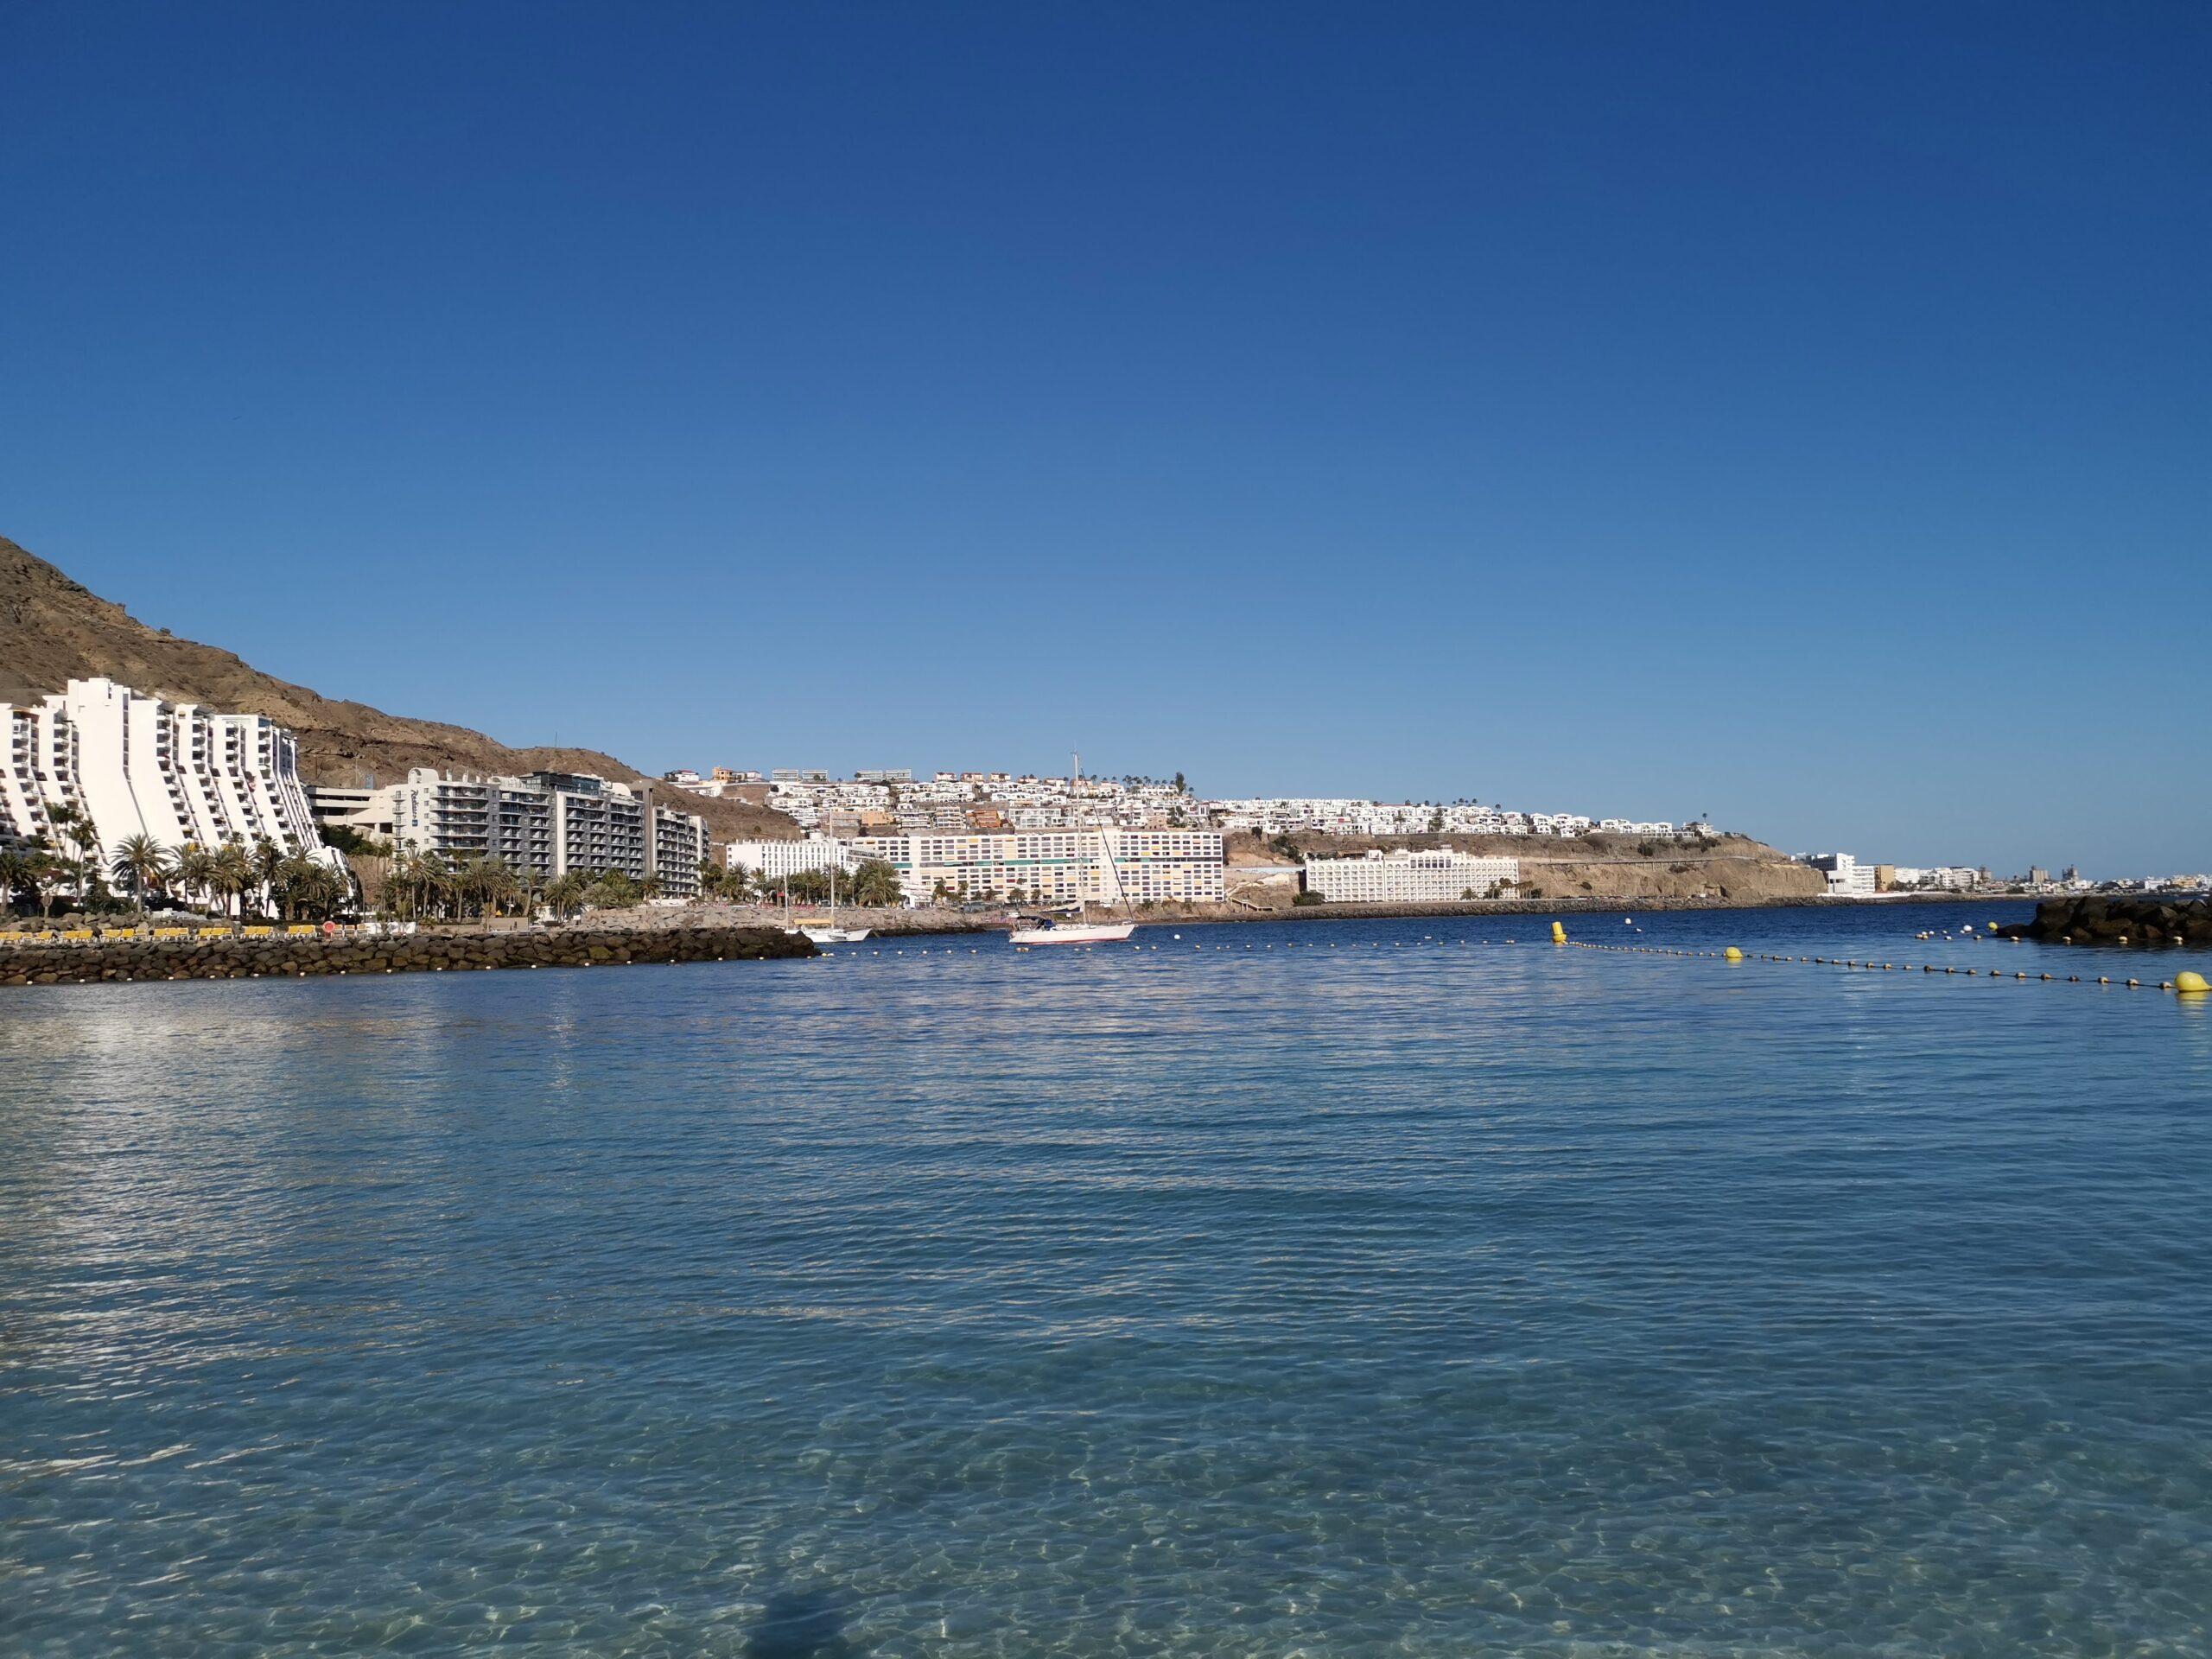 canaria.nu - Anfi del Mar